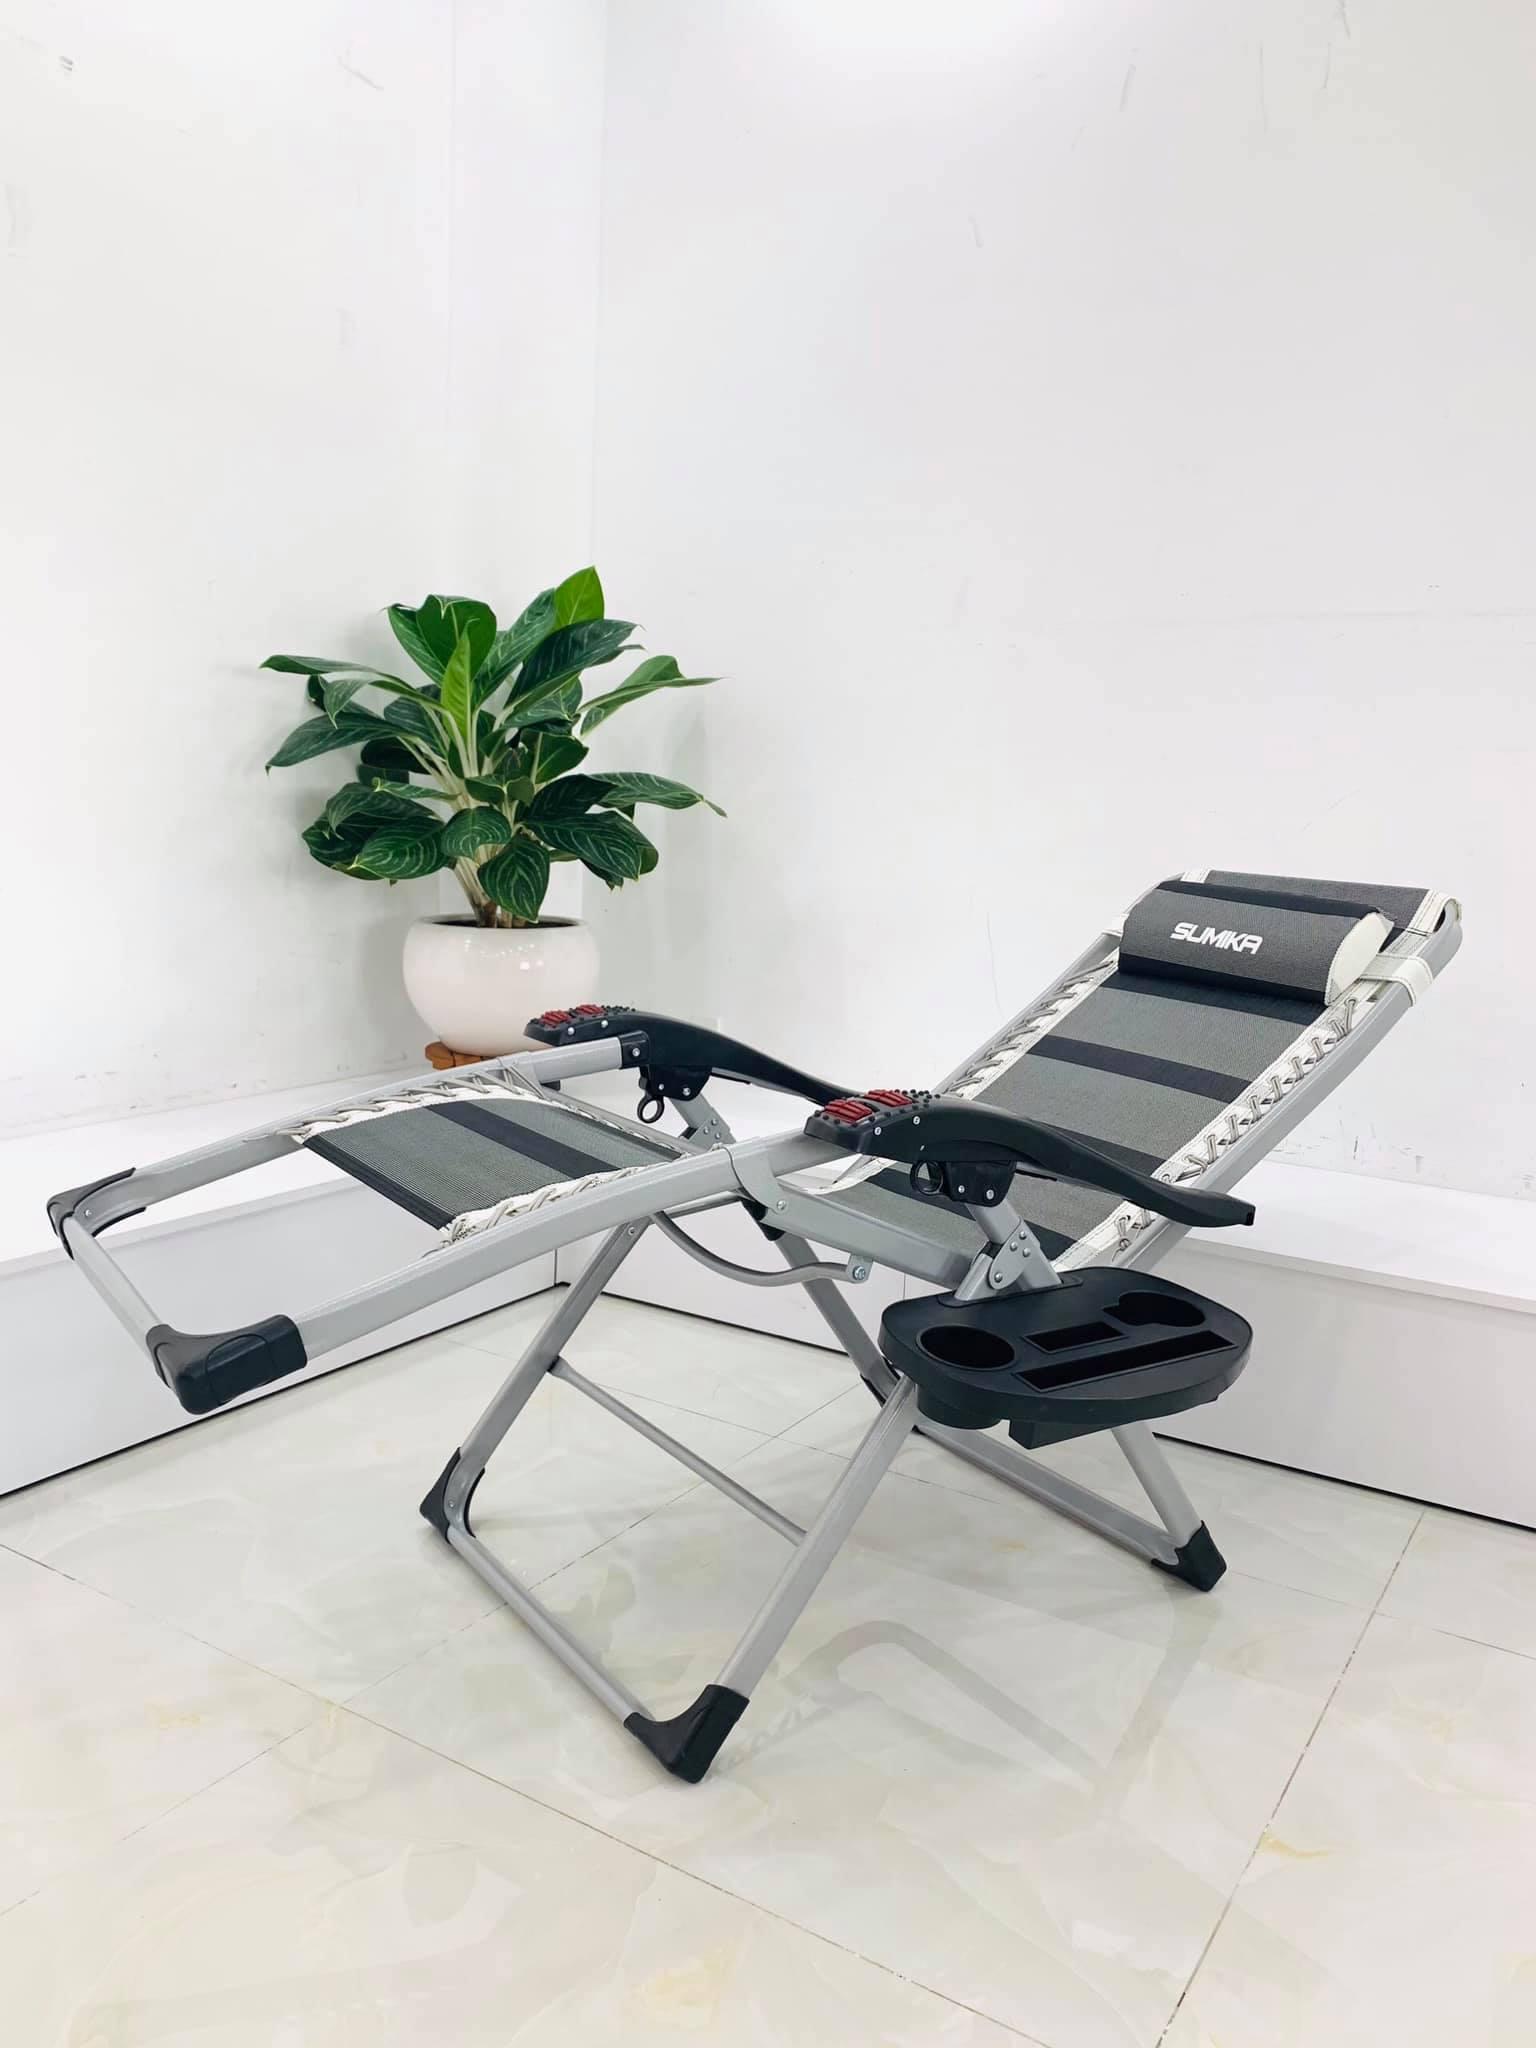 Ghế xếp thư giãn SUMIKA 199 - Mẫu mới nhất 2020, lăn tay massage.